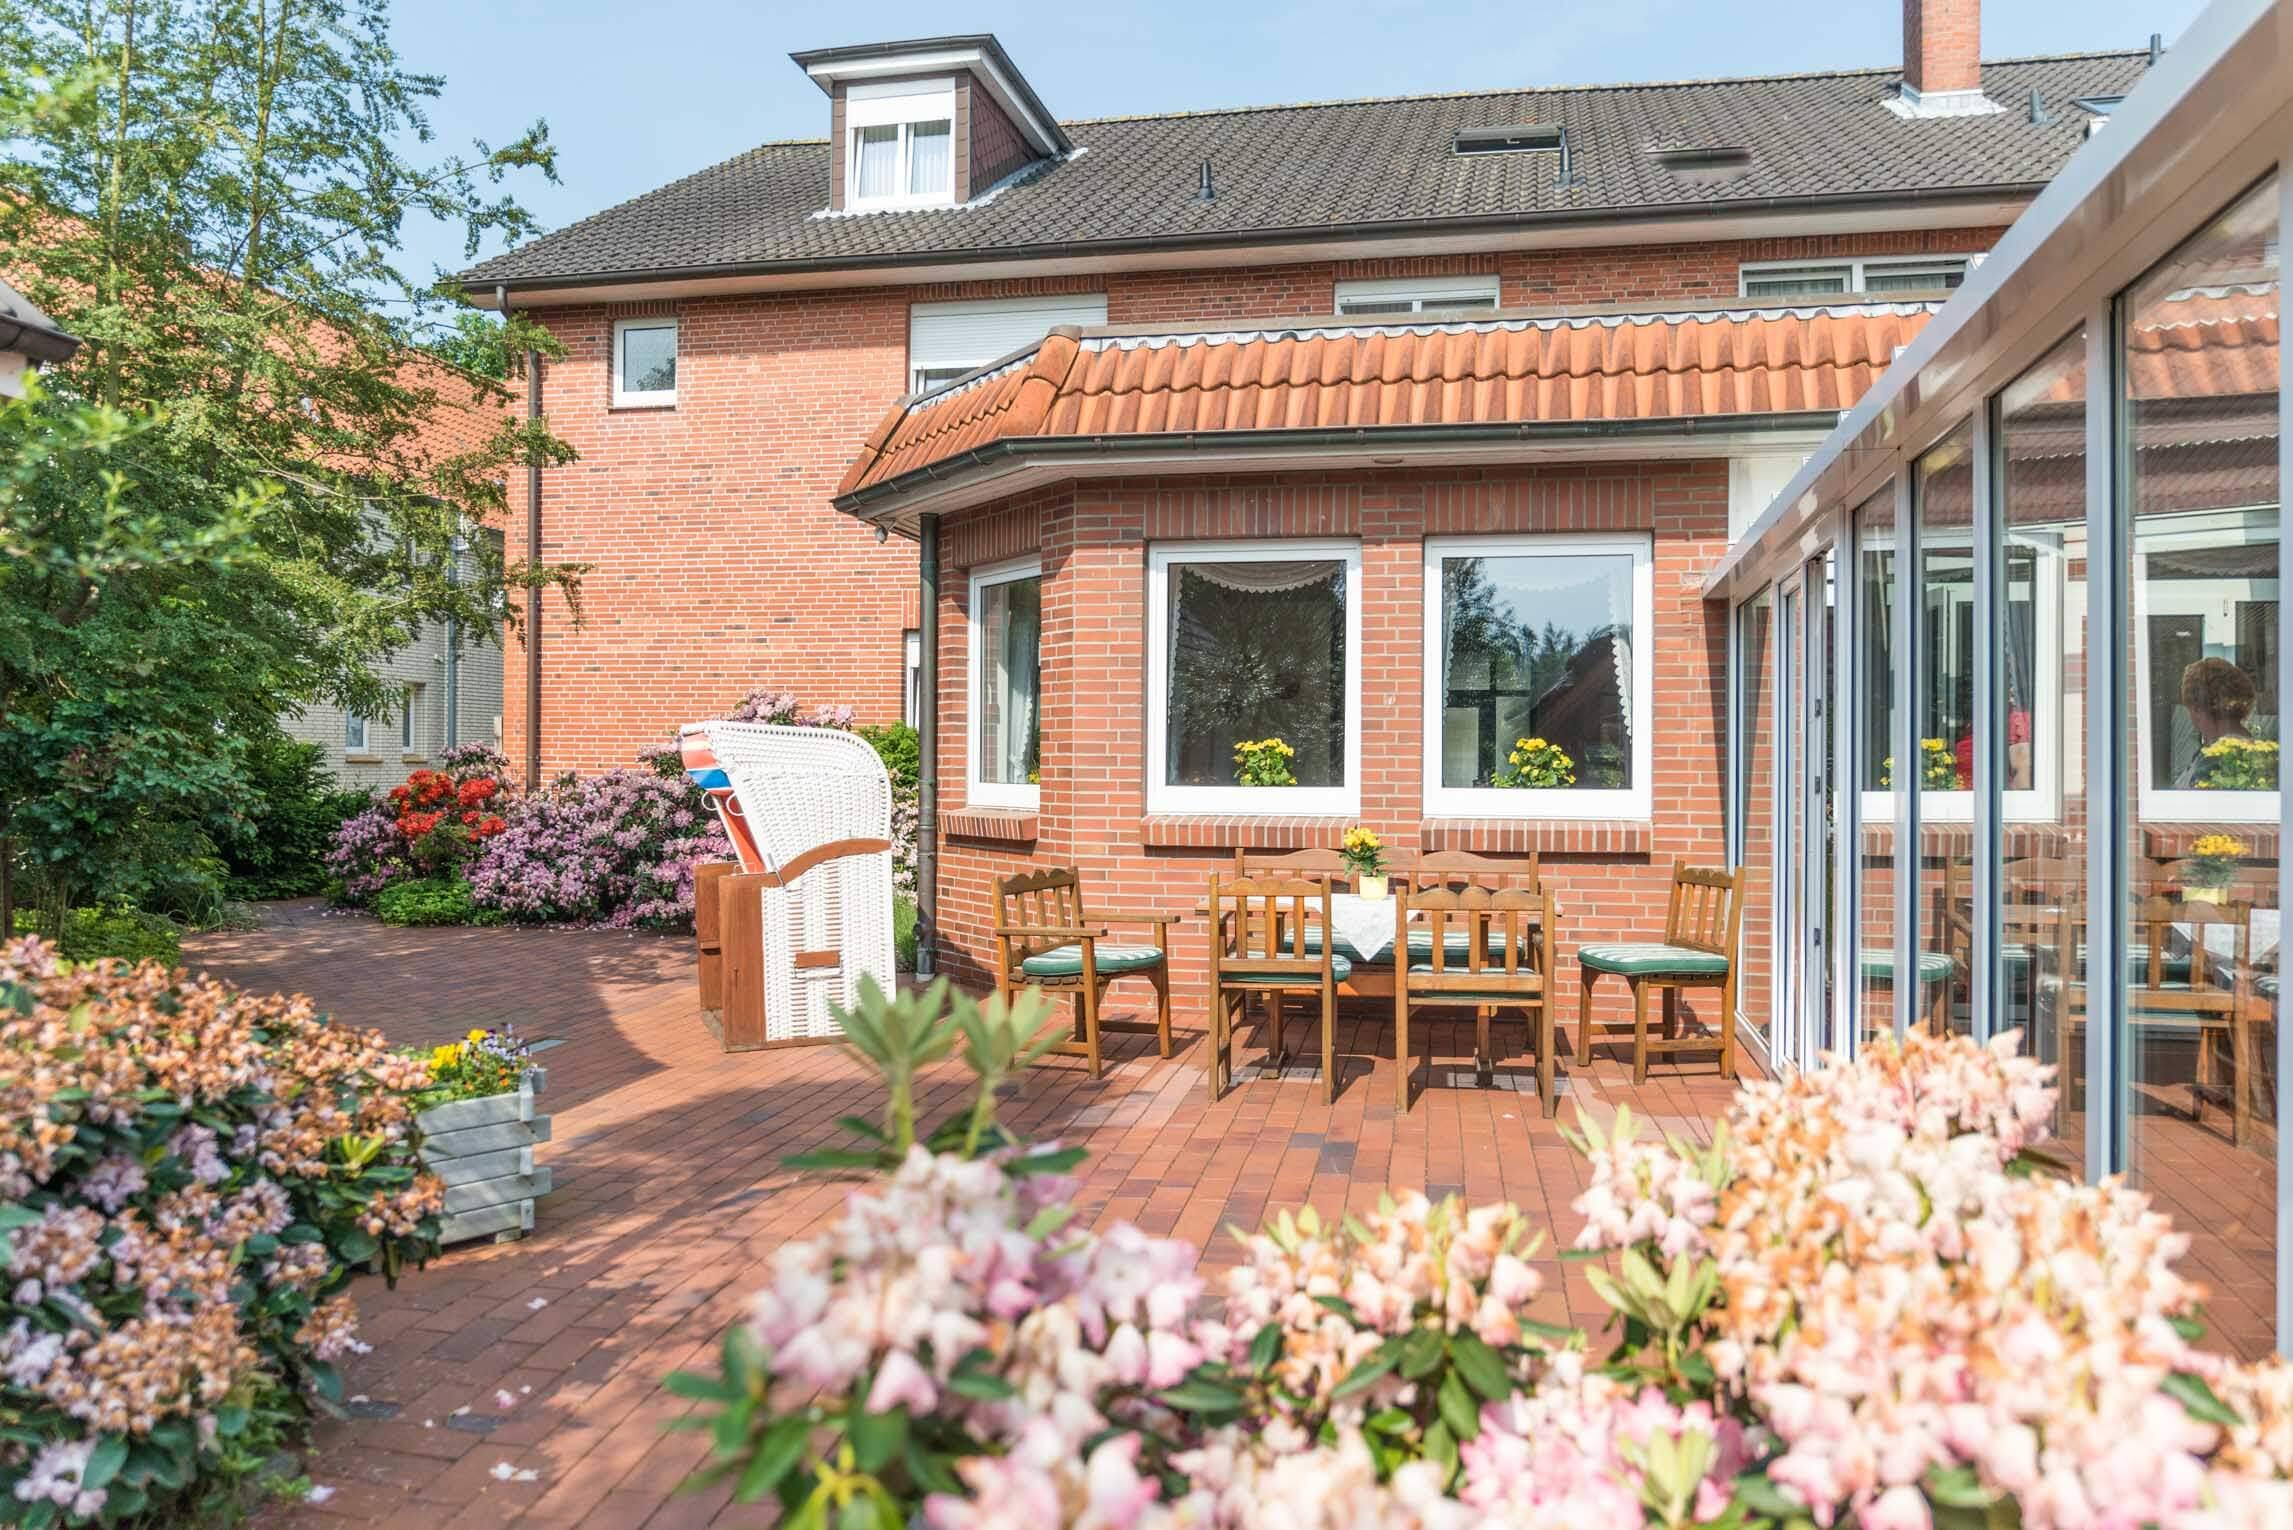 Hotel Braband Cuxhaven Garten